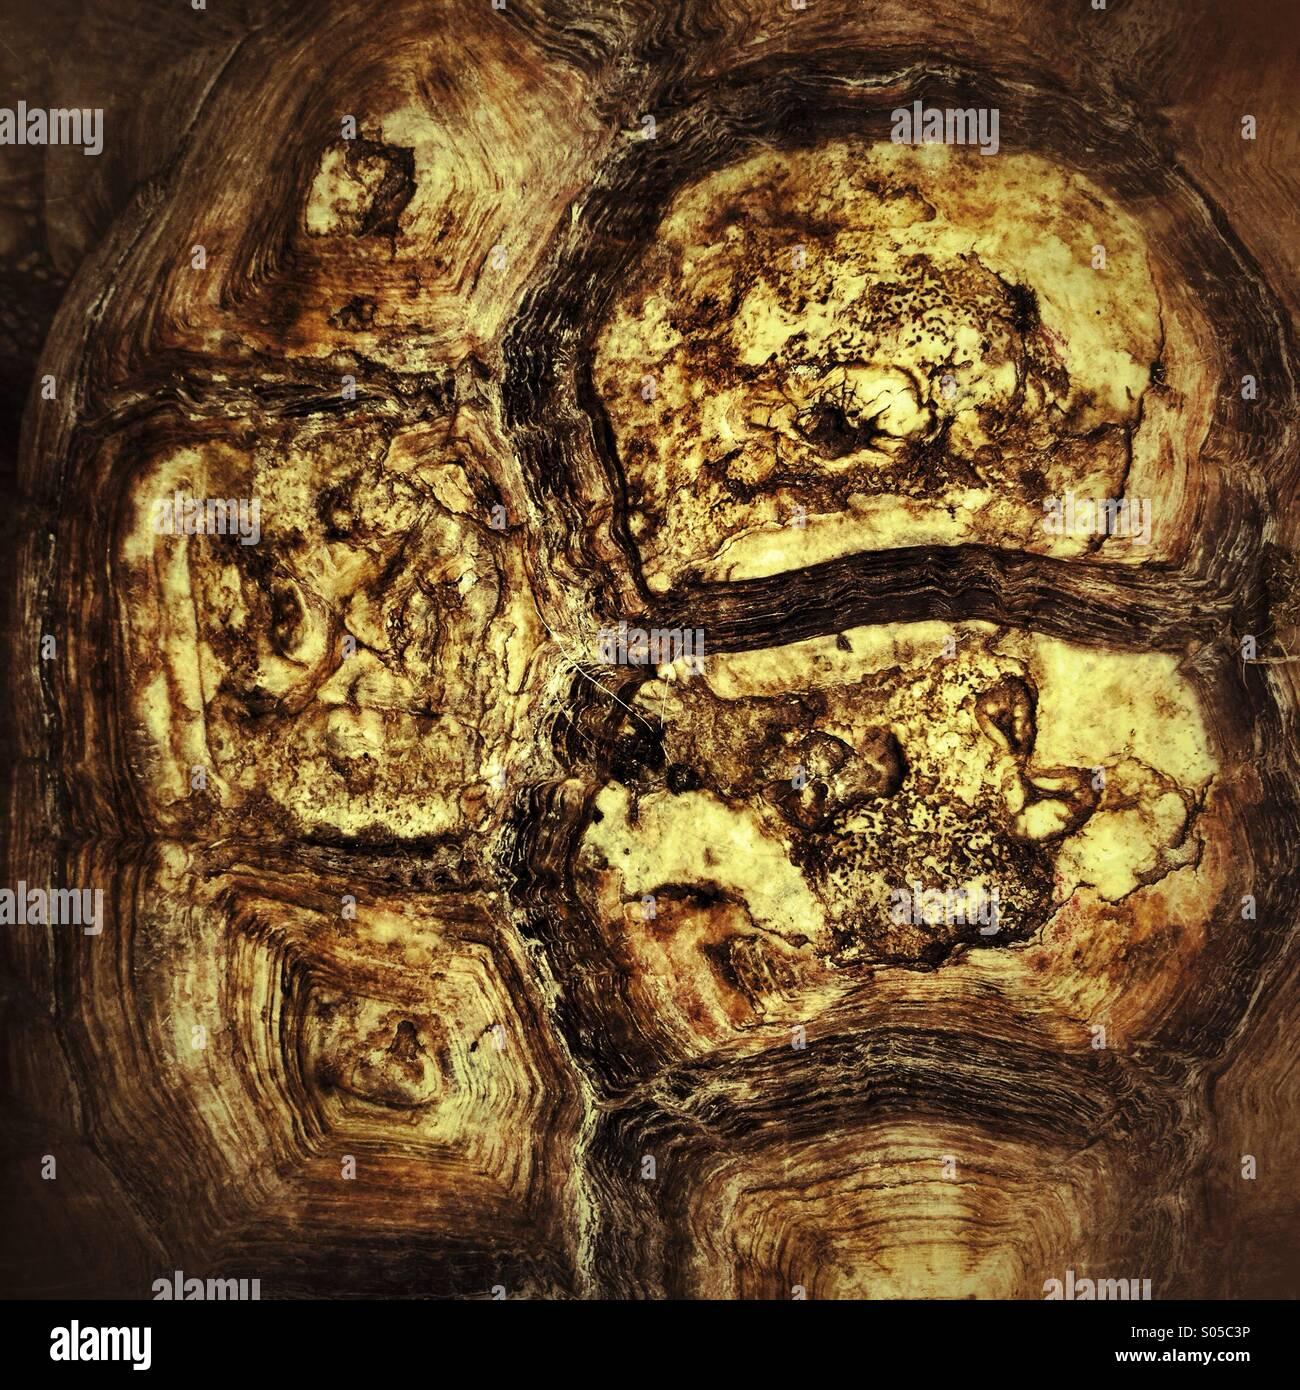 Detalle de caparazón de tortuga Imagen De Stock